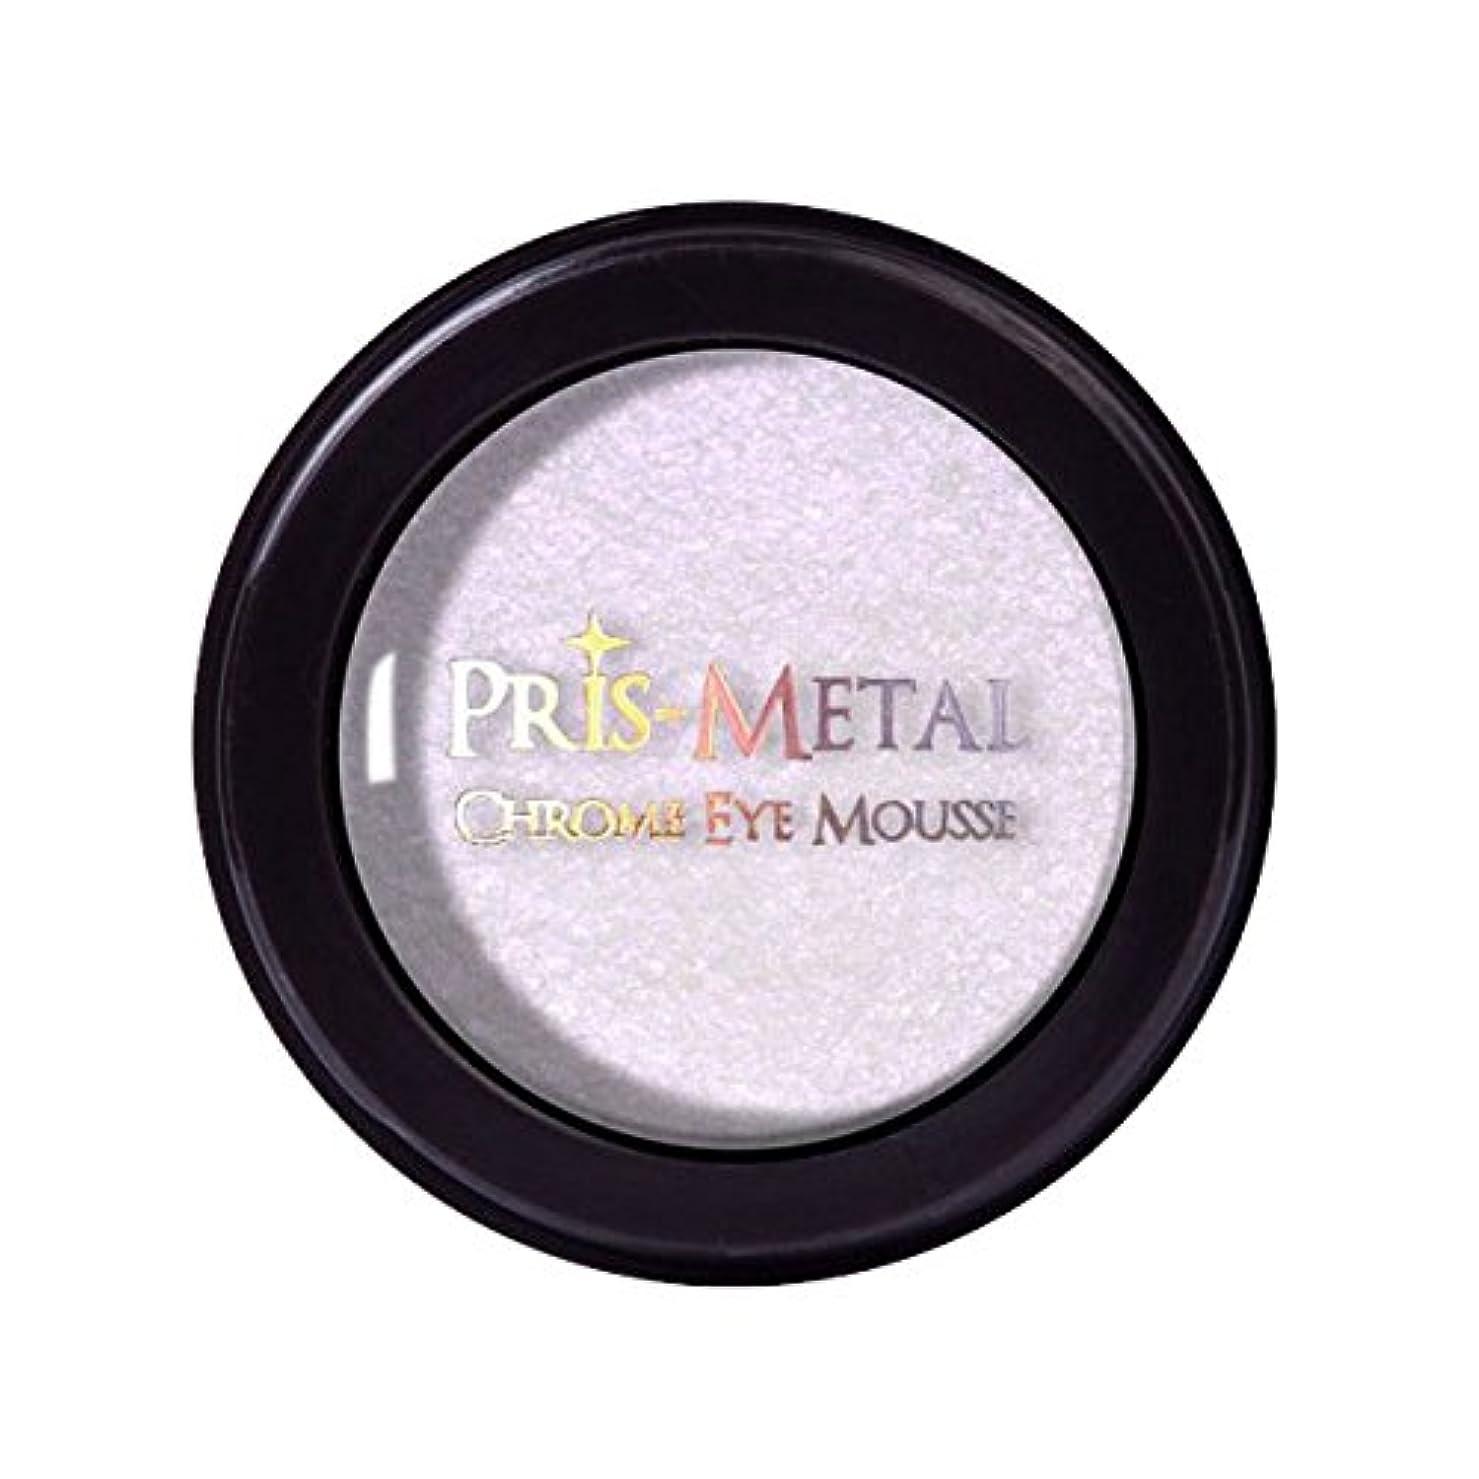 確かにカウンターパート周波数J. CAT BEAUTY Pris-Metal Chrome Eye Mousse - Pinky Promise (並行輸入品)